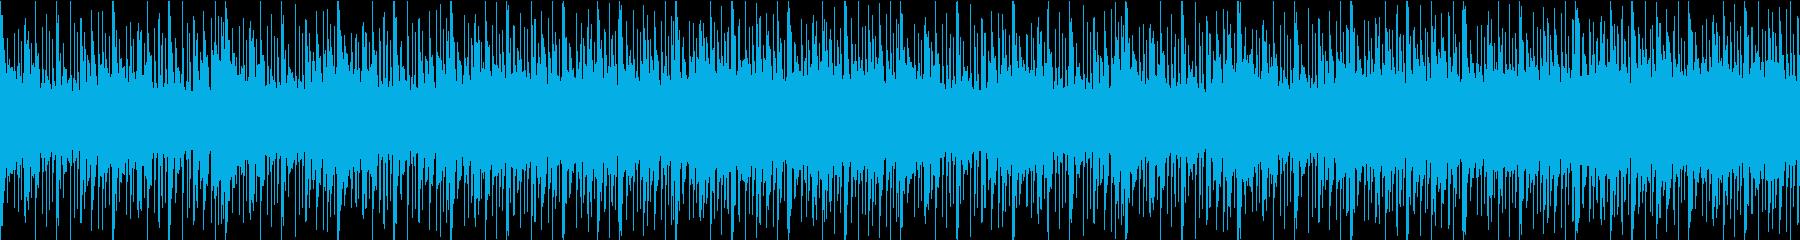 砂漠 RPG ゲーム音楽 現代的ビートの再生済みの波形